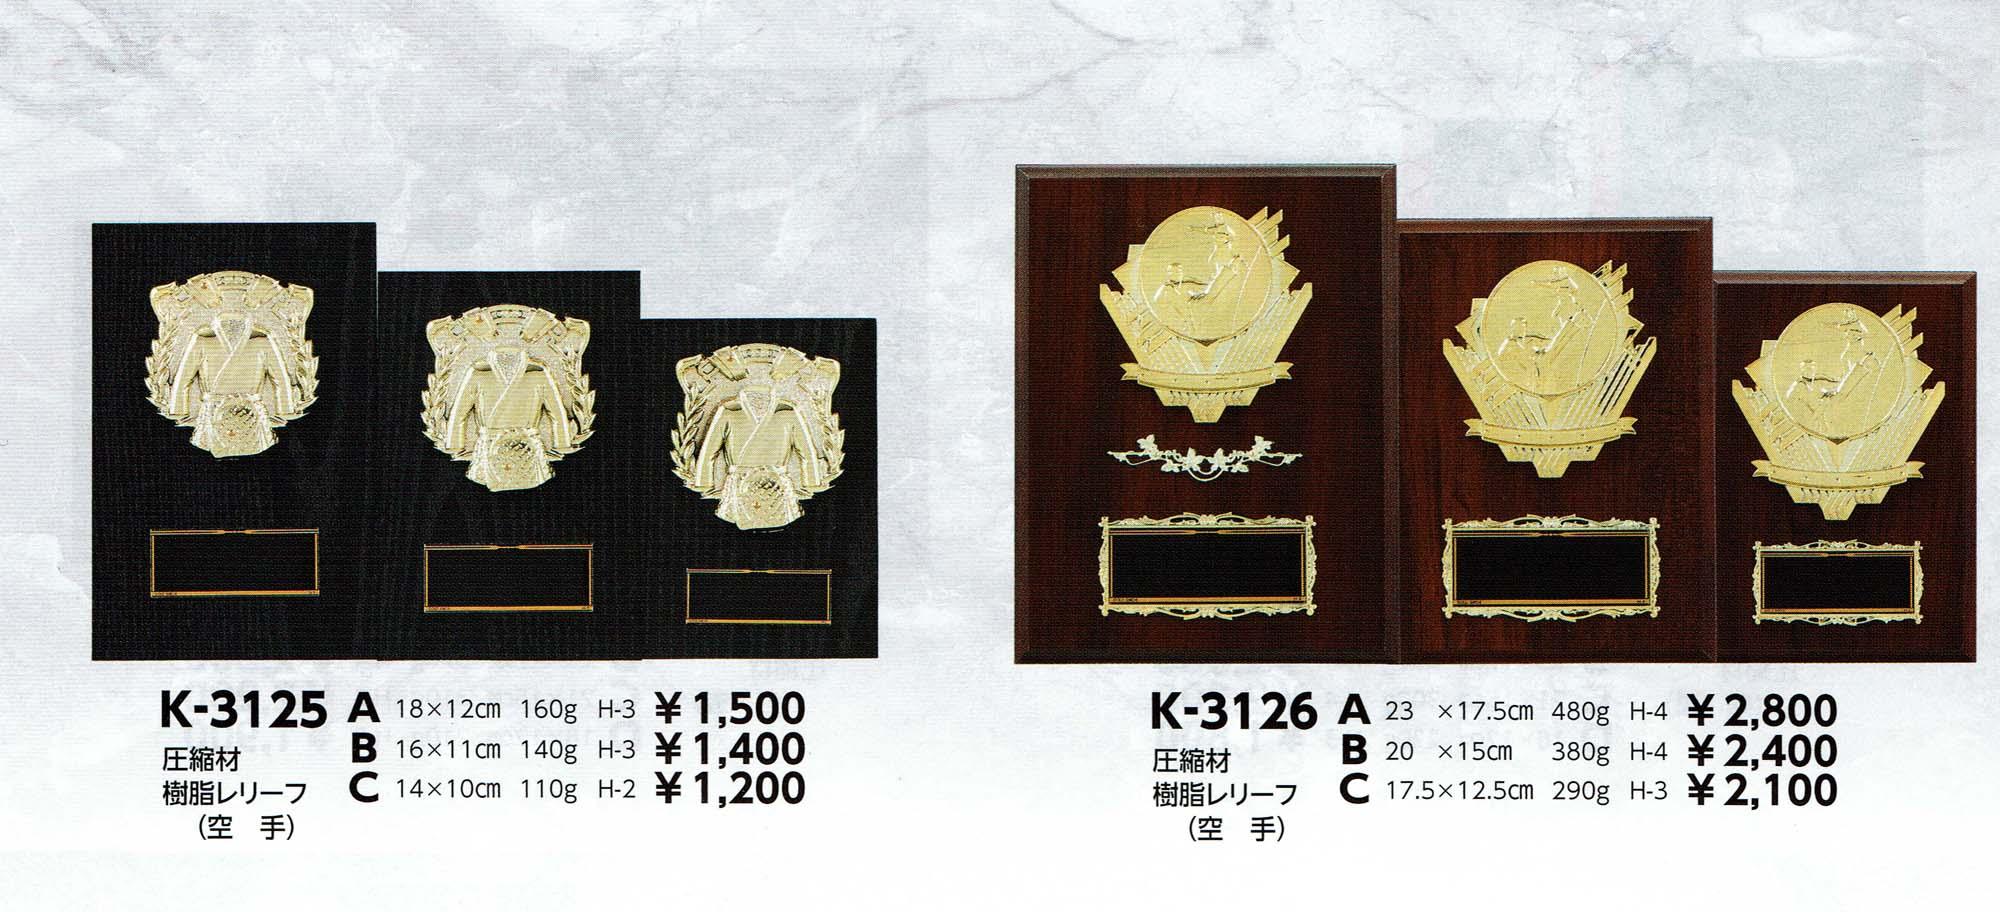 K3125、K3126